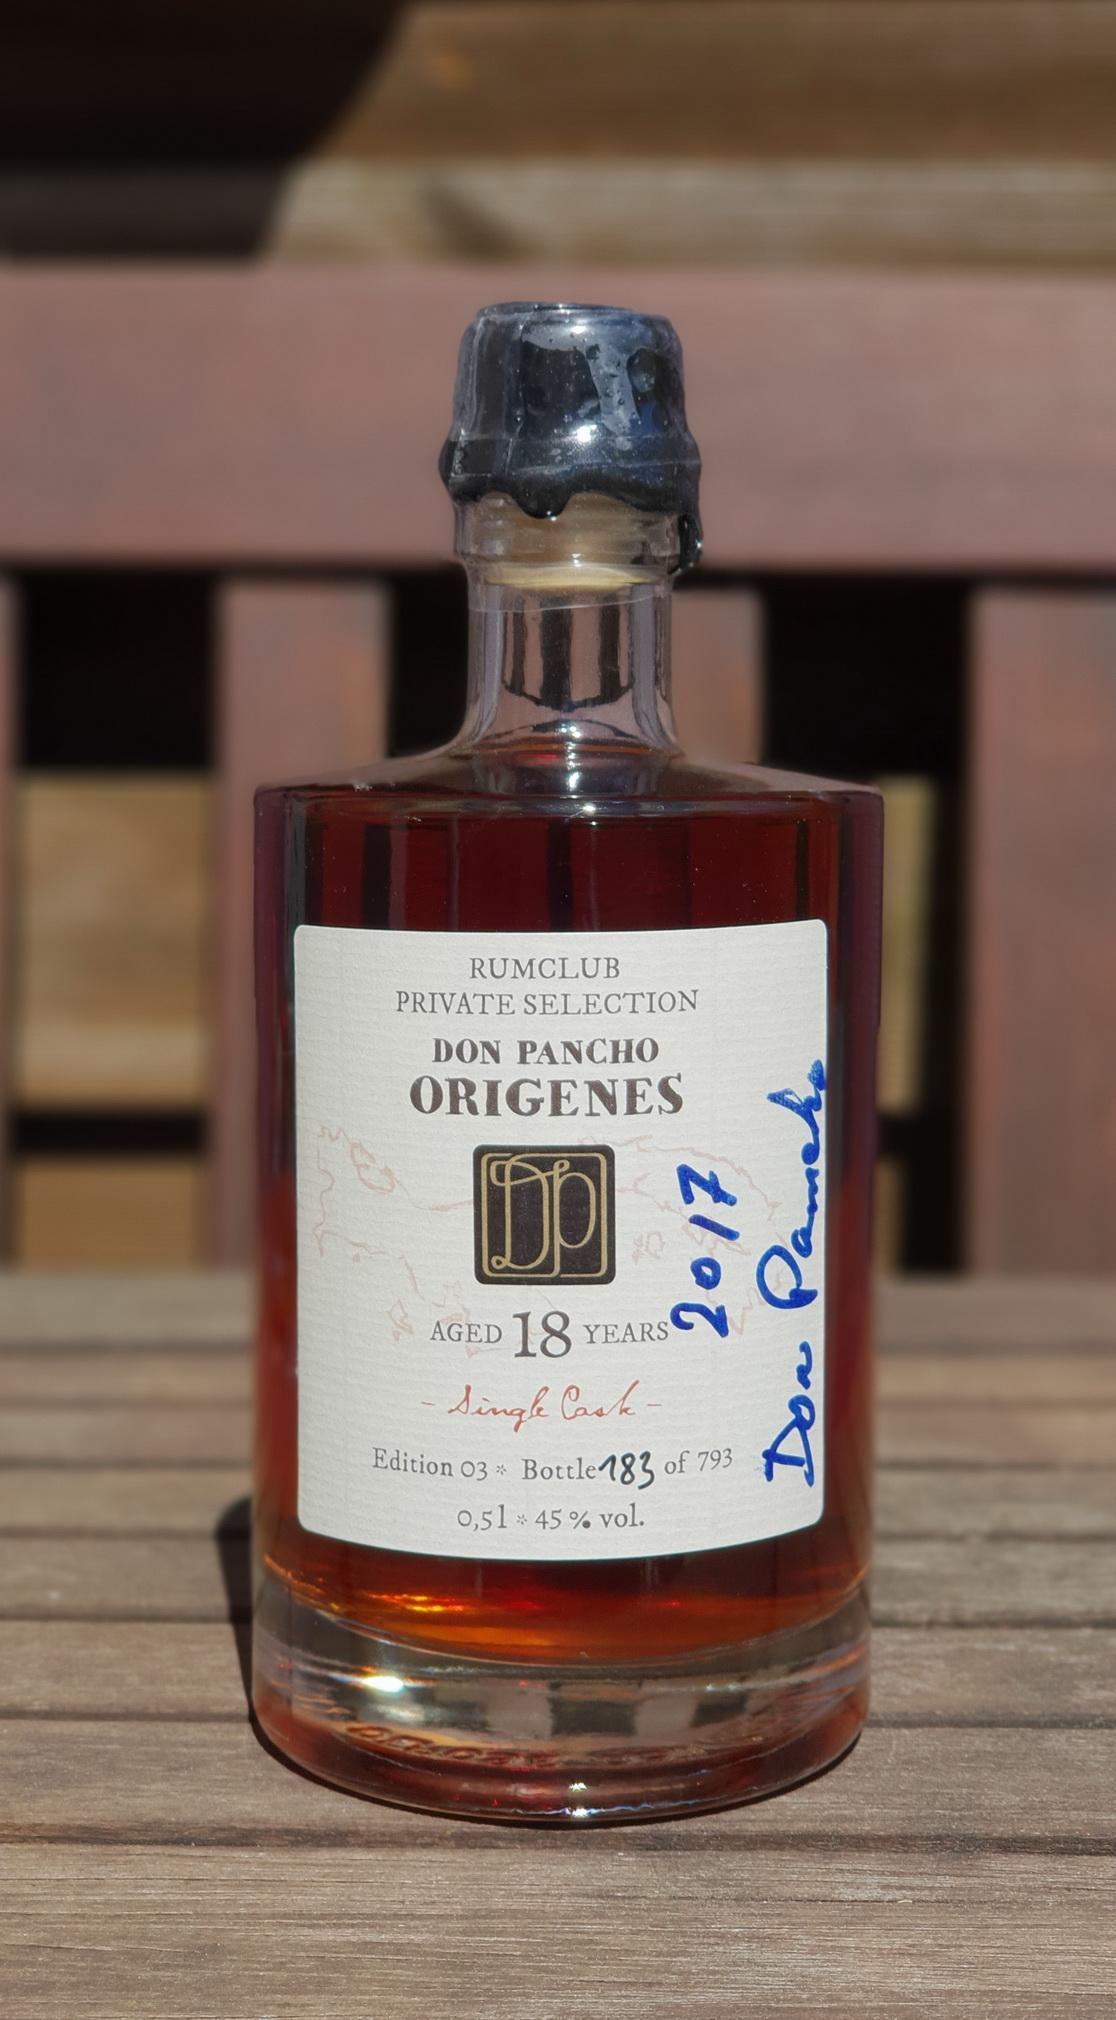 Private Rumclub Selection – Don Pancho Origines 18 JahreEdition 03, Flasche Nr. 183 von 793.2017 mit der Unterschrift von Don Pancho.